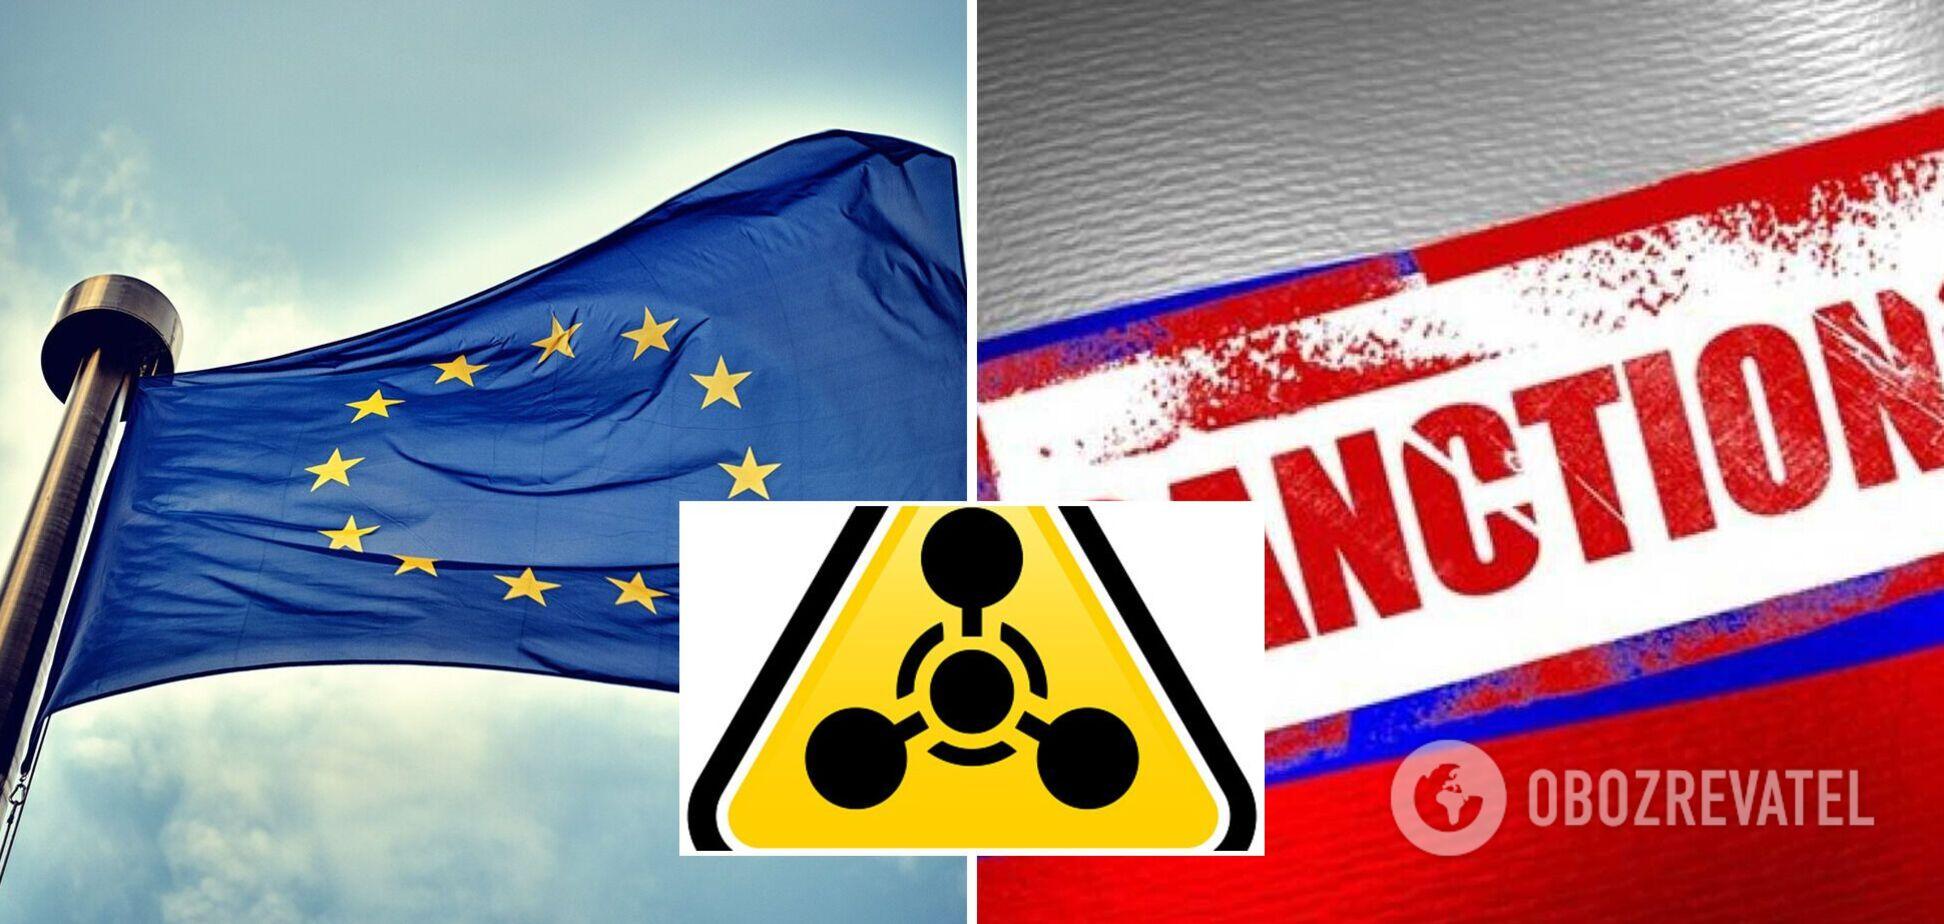 Євросоюз продовжив санкції проти Росії та Сирії за застосування хімічної зброї